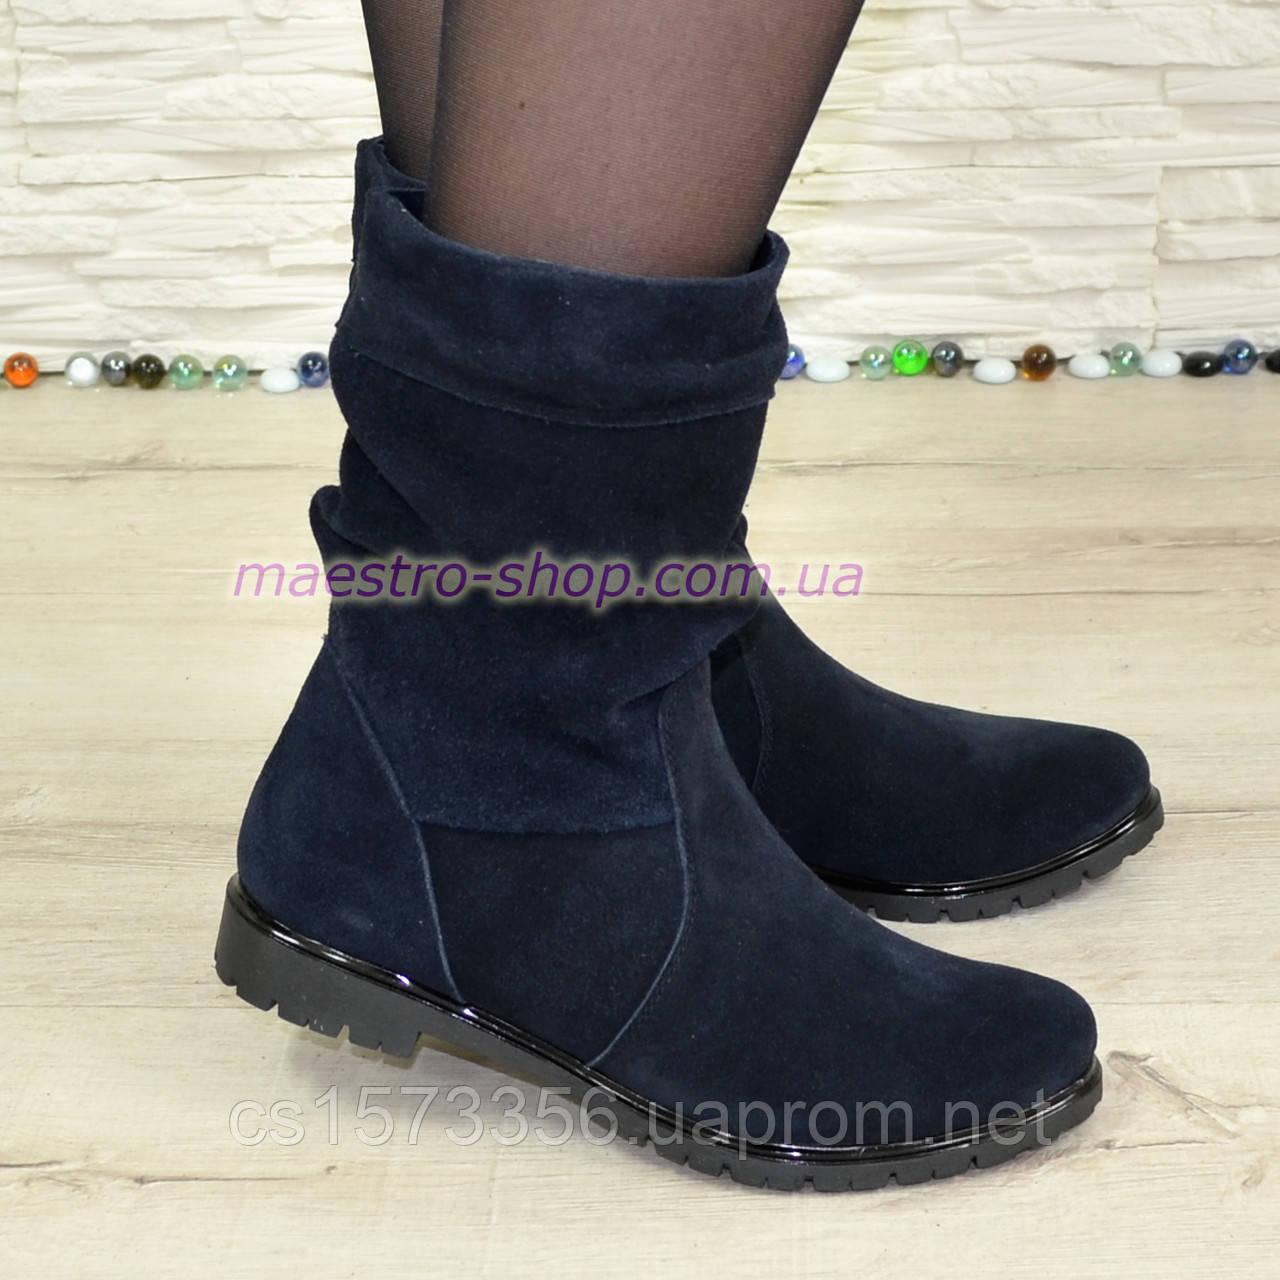 Зимние женские ботинки замшевые на меху.